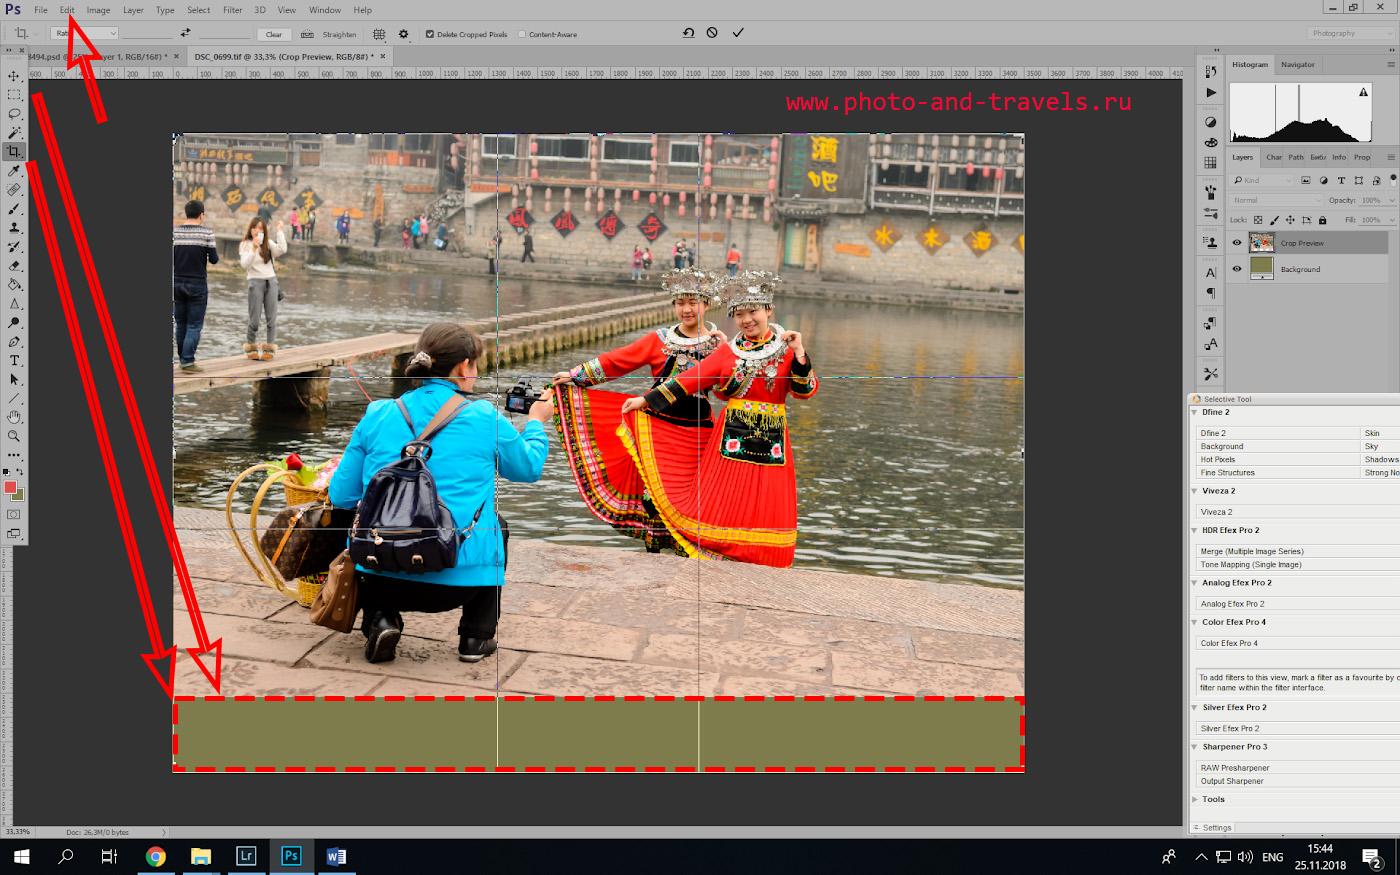 Снимок 18. Как добавить место внизу или вверху кадра, чтобы появилась возможность выровнять горизонт на фотографии. Уроки «Photoshop» для новичков.